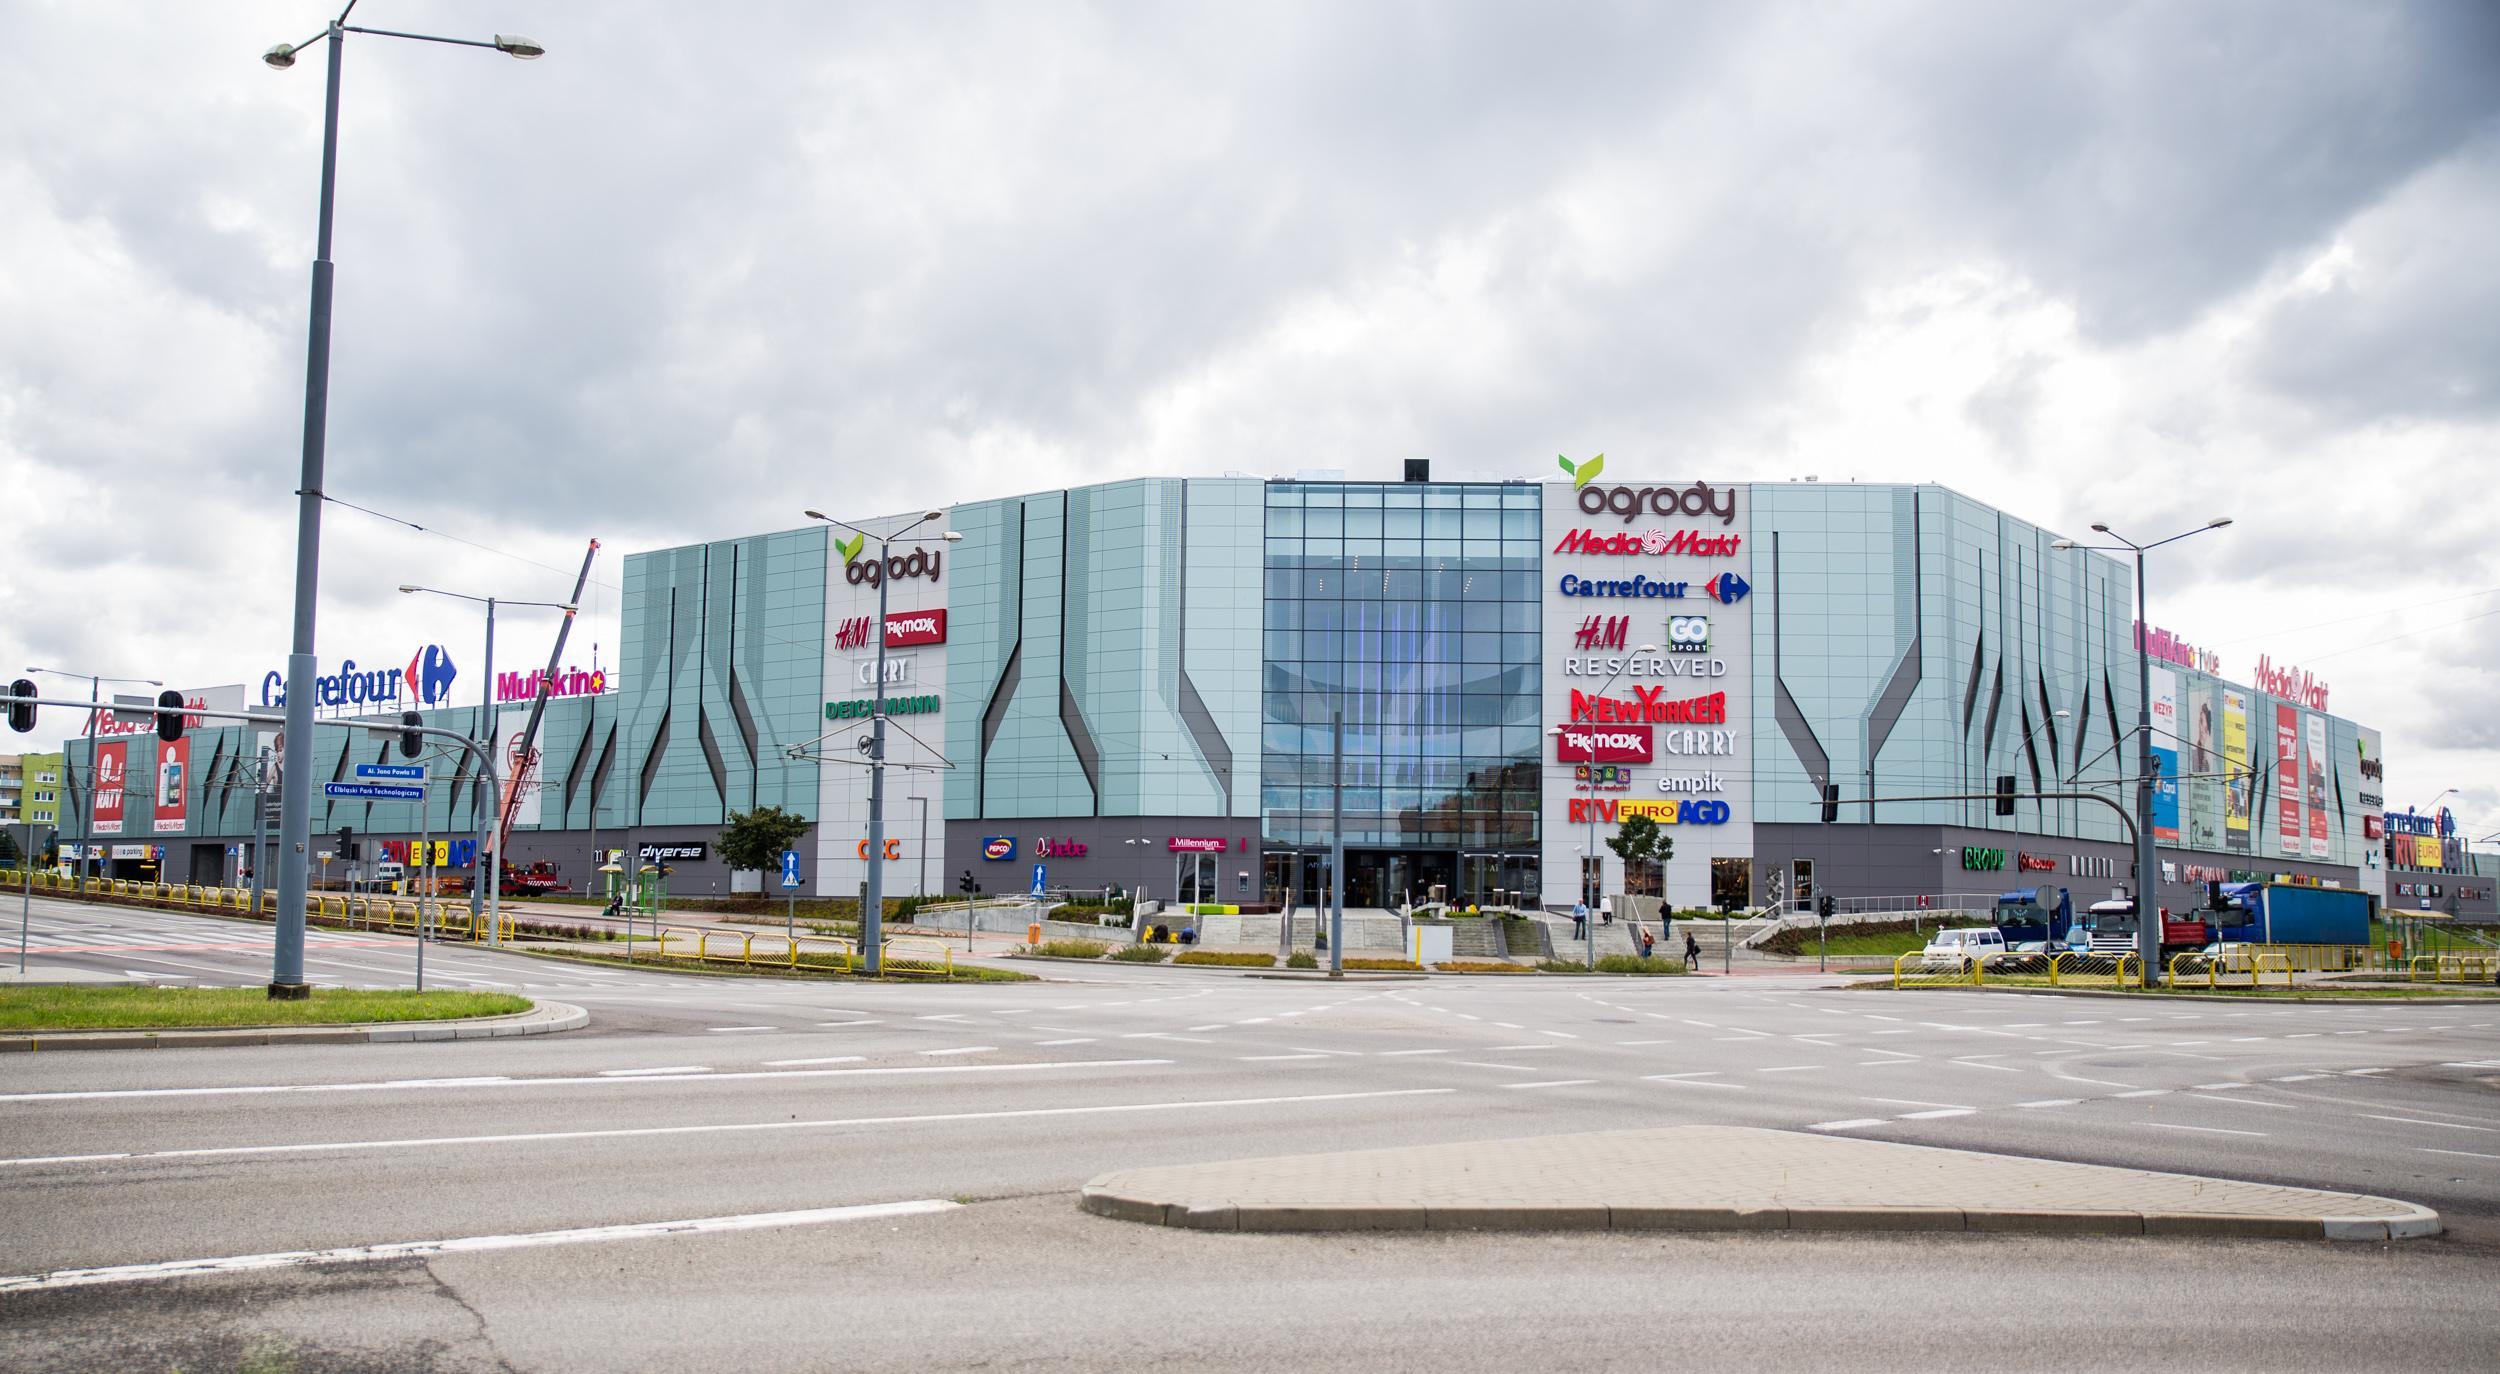 Centrum Ogrody Elbląg